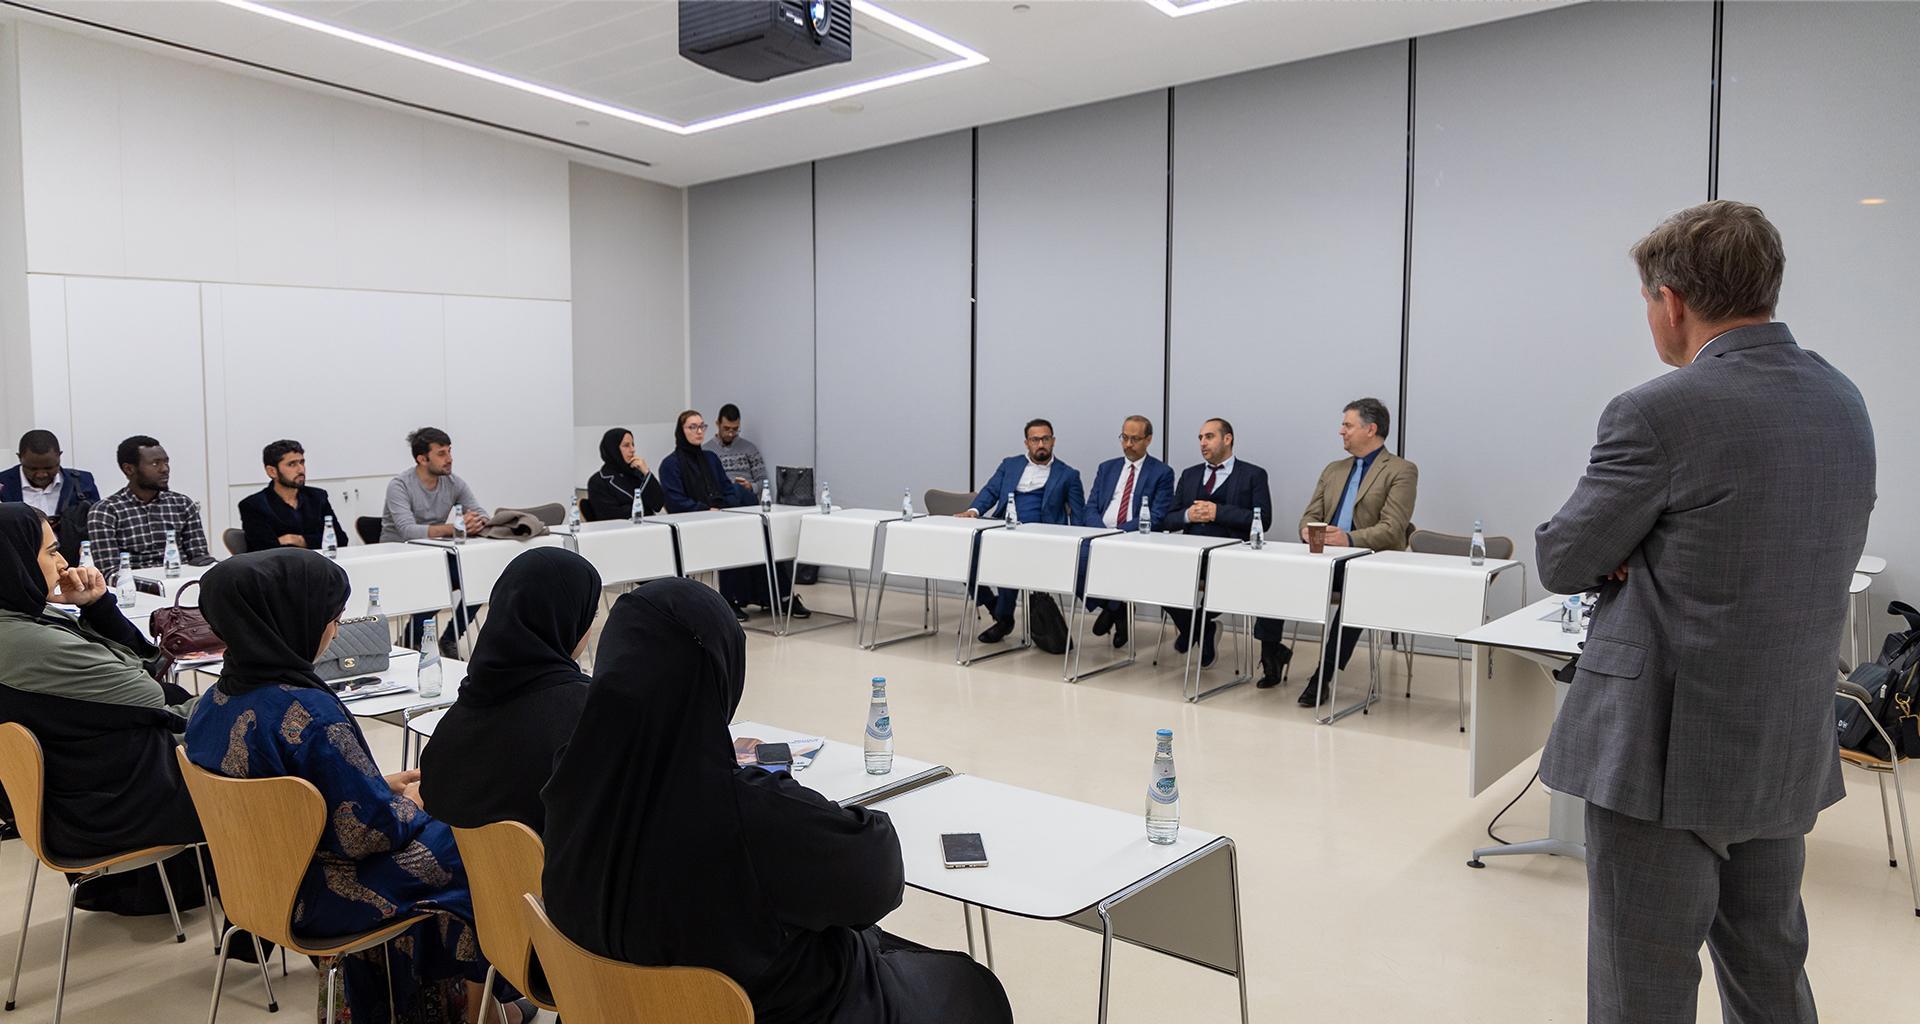 كلية السياسات العامة بجامعة حمد بن خليفة تعقد جلستها التعريفية